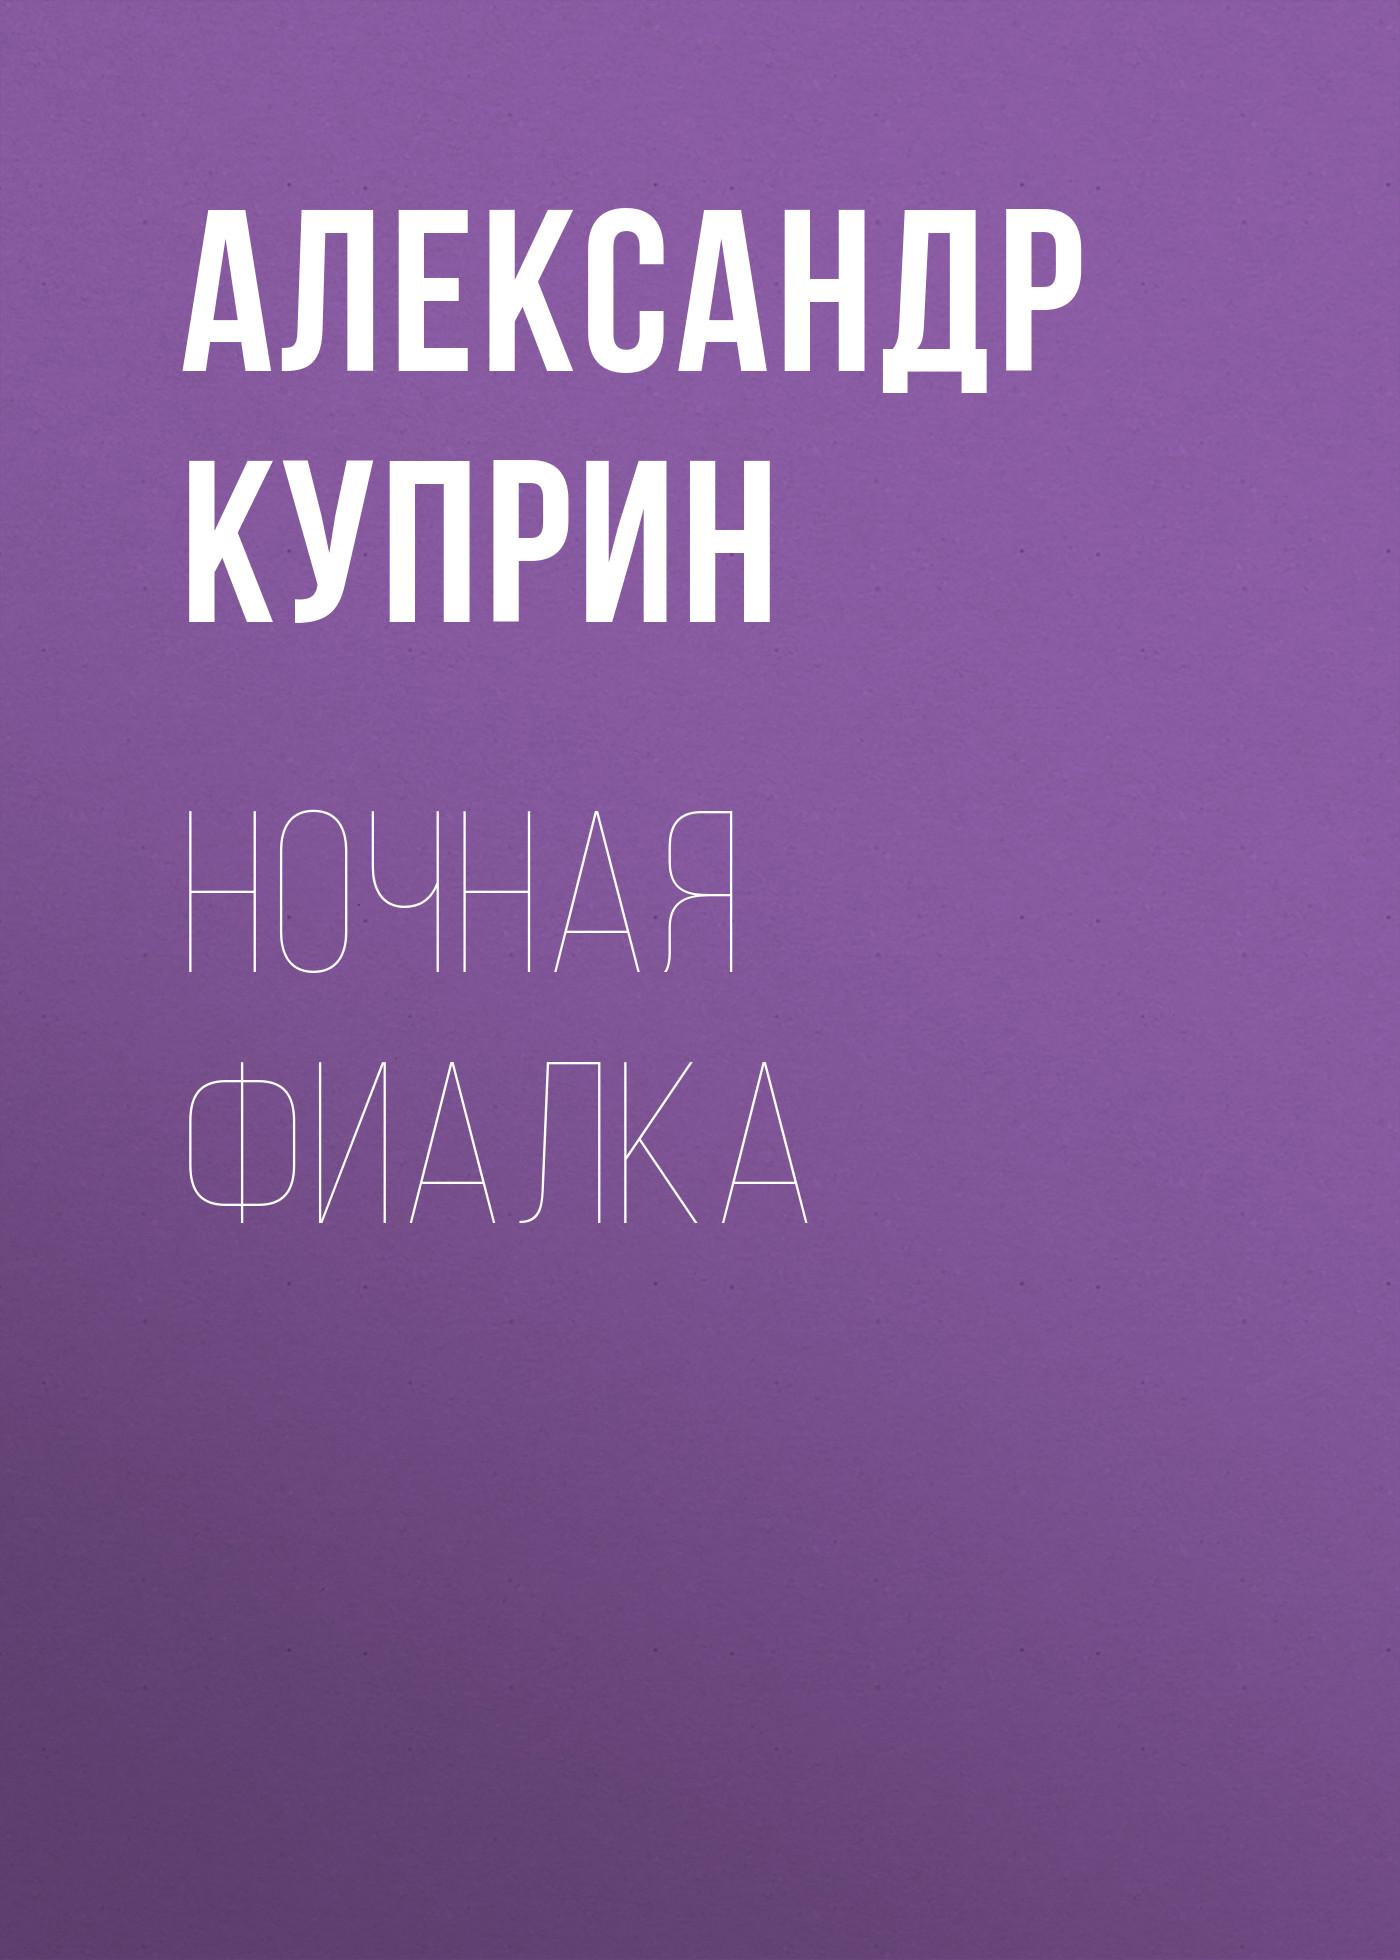 Купить книгу Ночная фиалка, автора А. И. Куприна